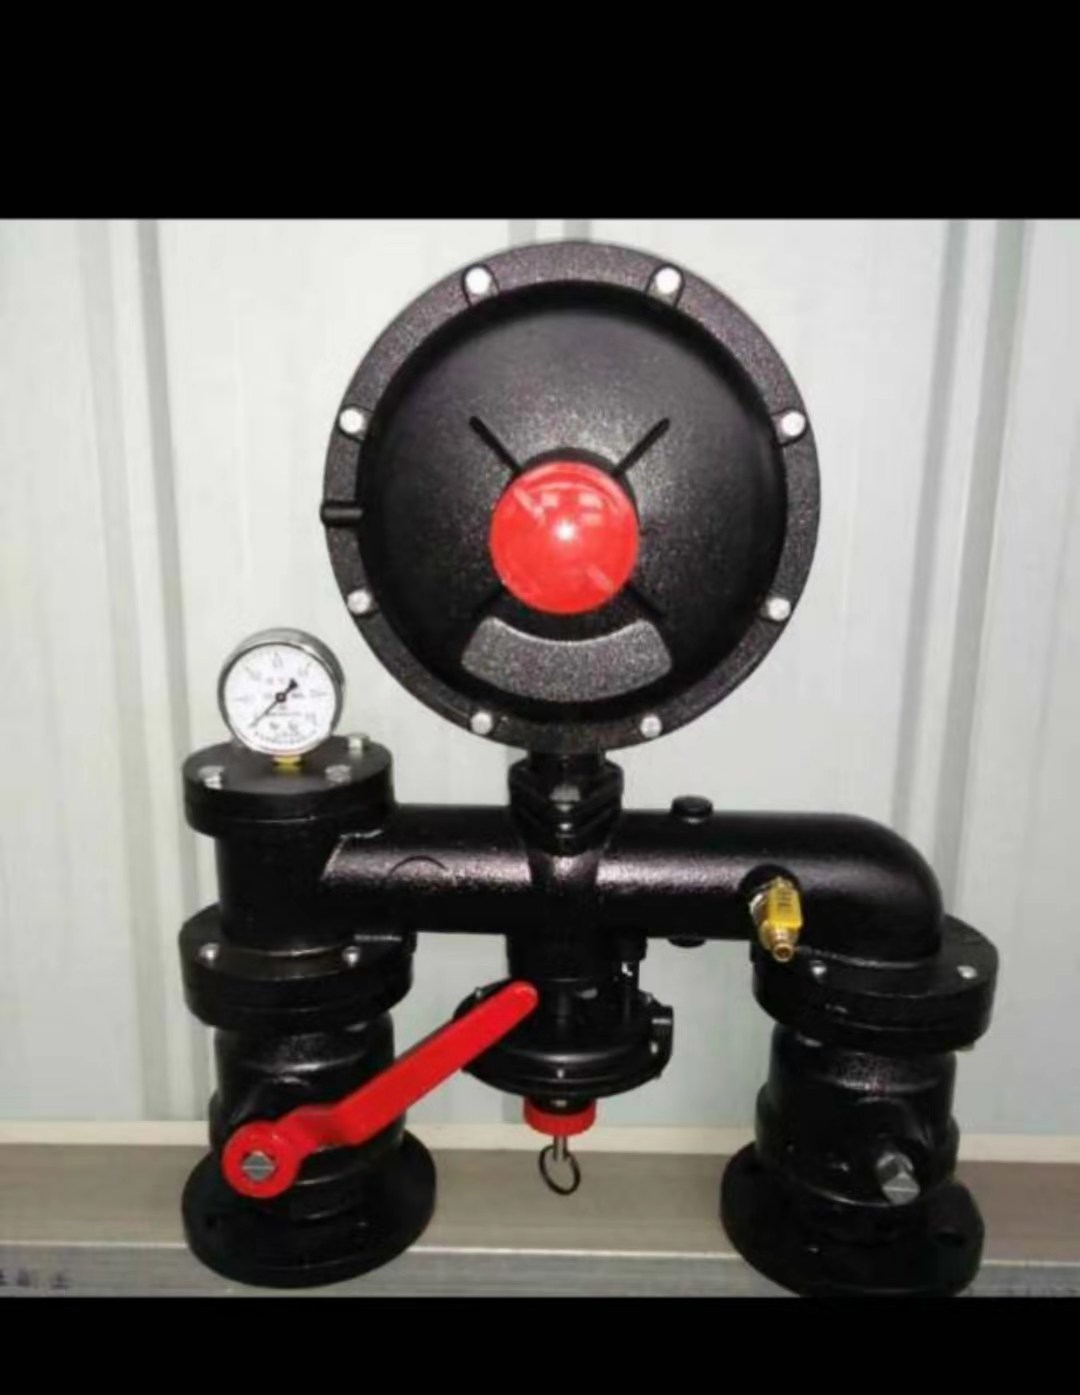 中压进户表前调压器厂家|衡水有品质的推荐-中压进户表前调压器厂家